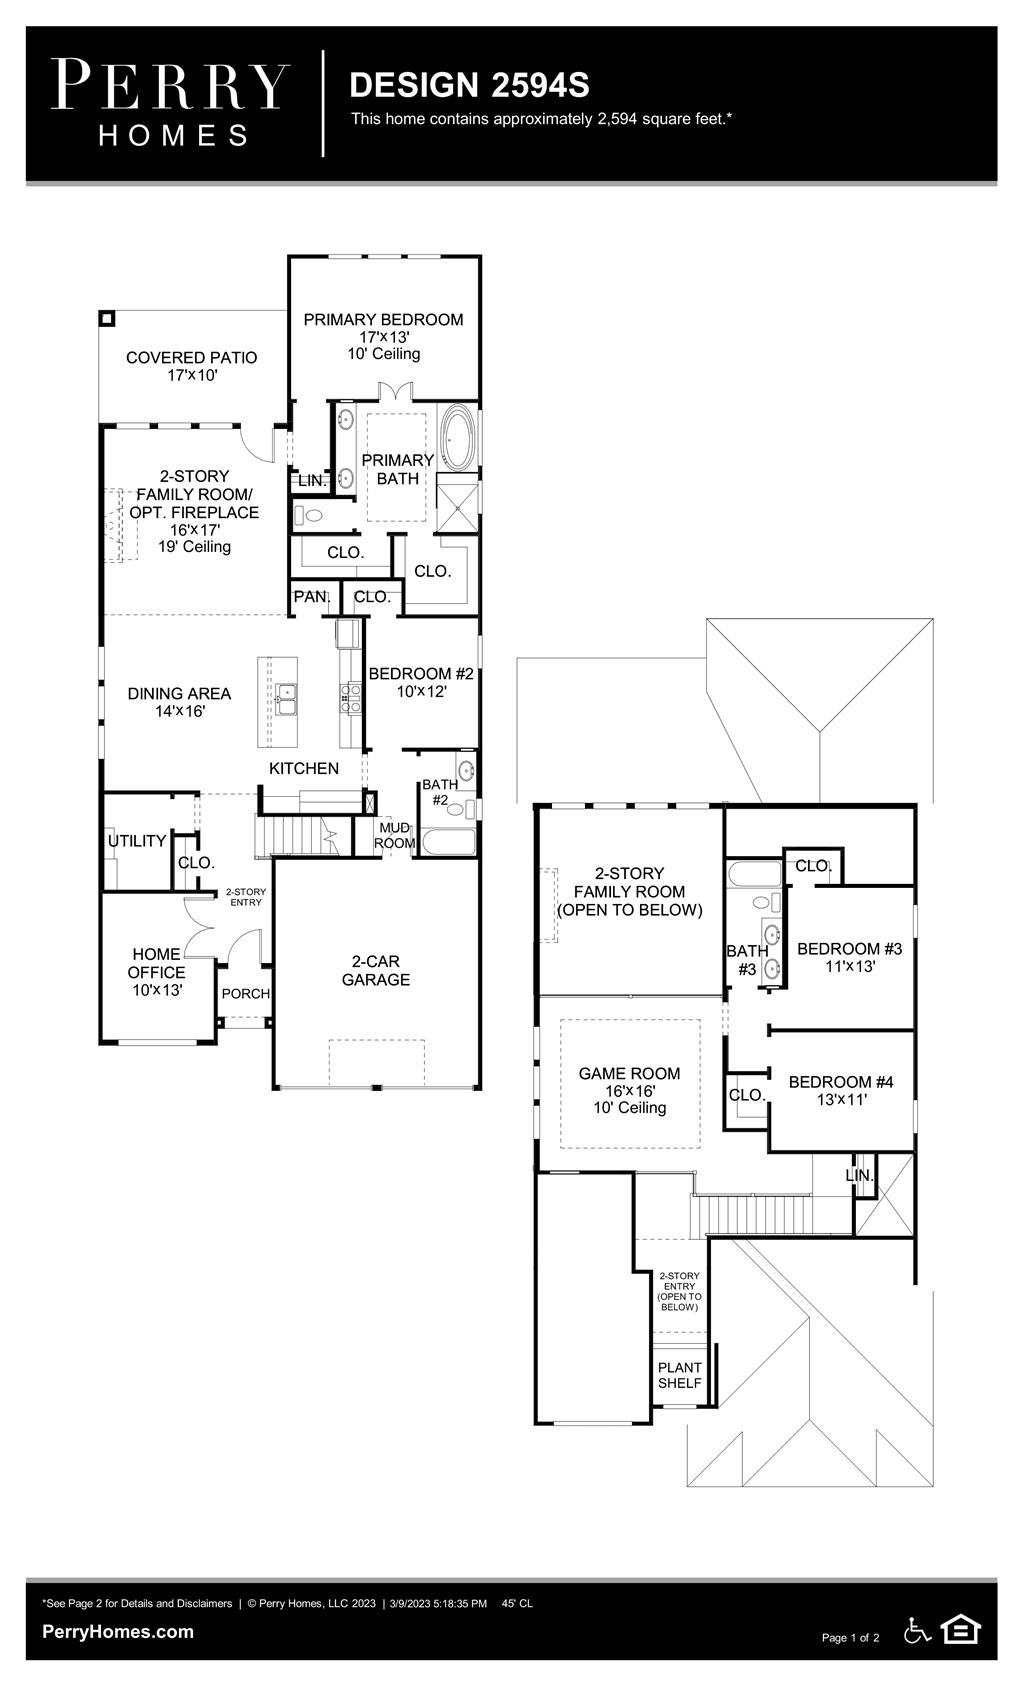 Floor Plan for 2594S